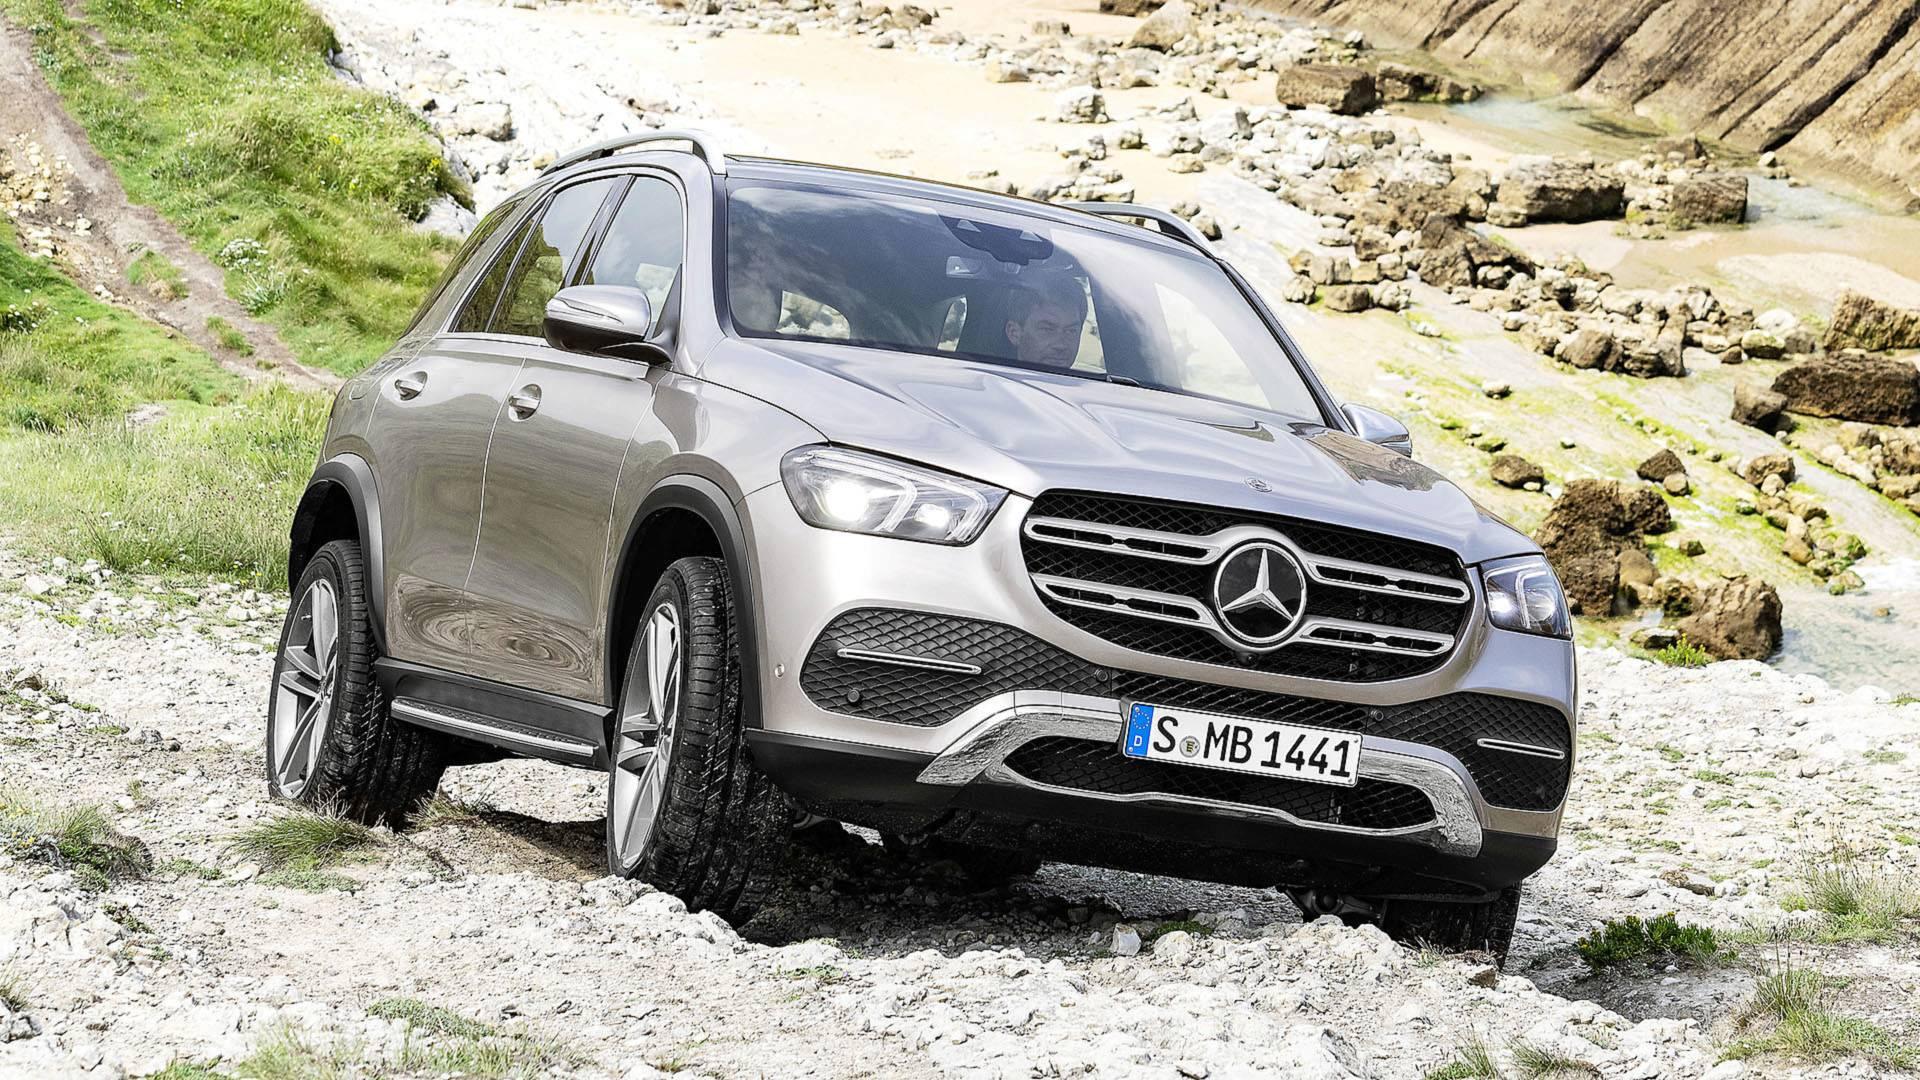 Mercedes-Benz giới thiệu 10 tính năng công nghệ hàng đầu trong năm 2019 - 10